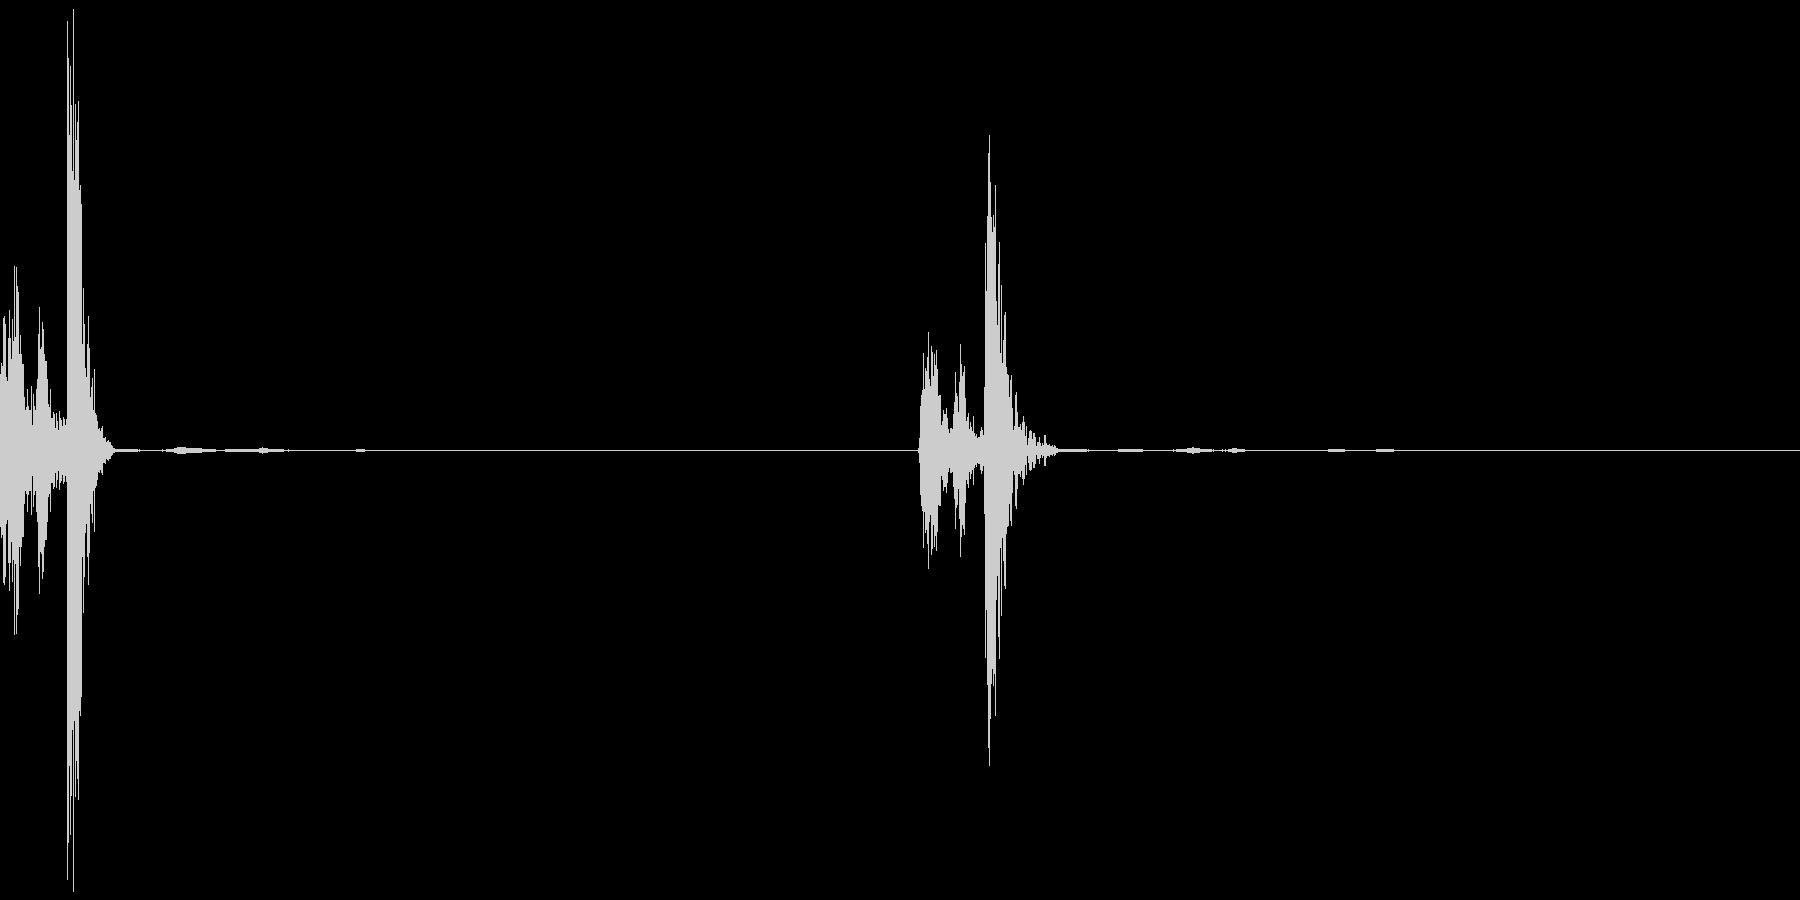 時計、タイマー、ストップウォッチ_B_1の未再生の波形